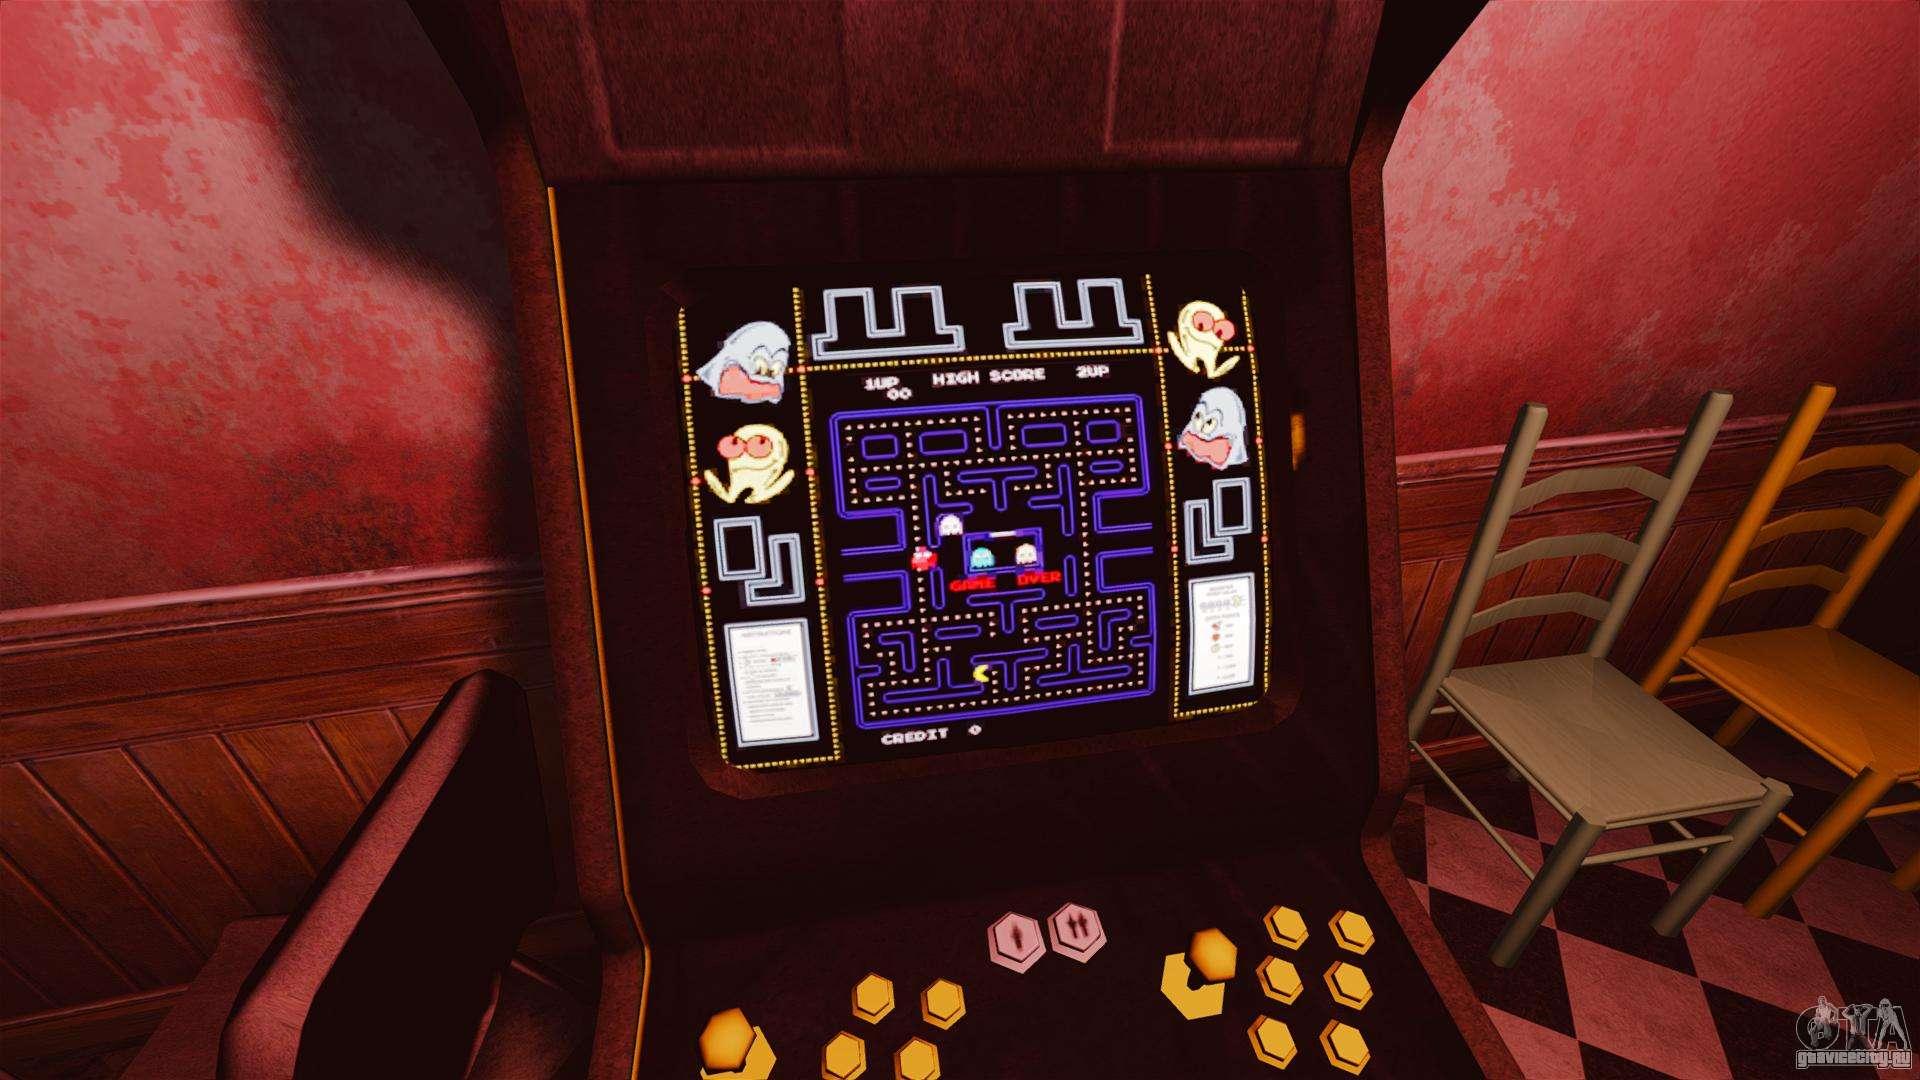 Gta 4 игровые автоматы слотомания игровые автоматы играть за деньги